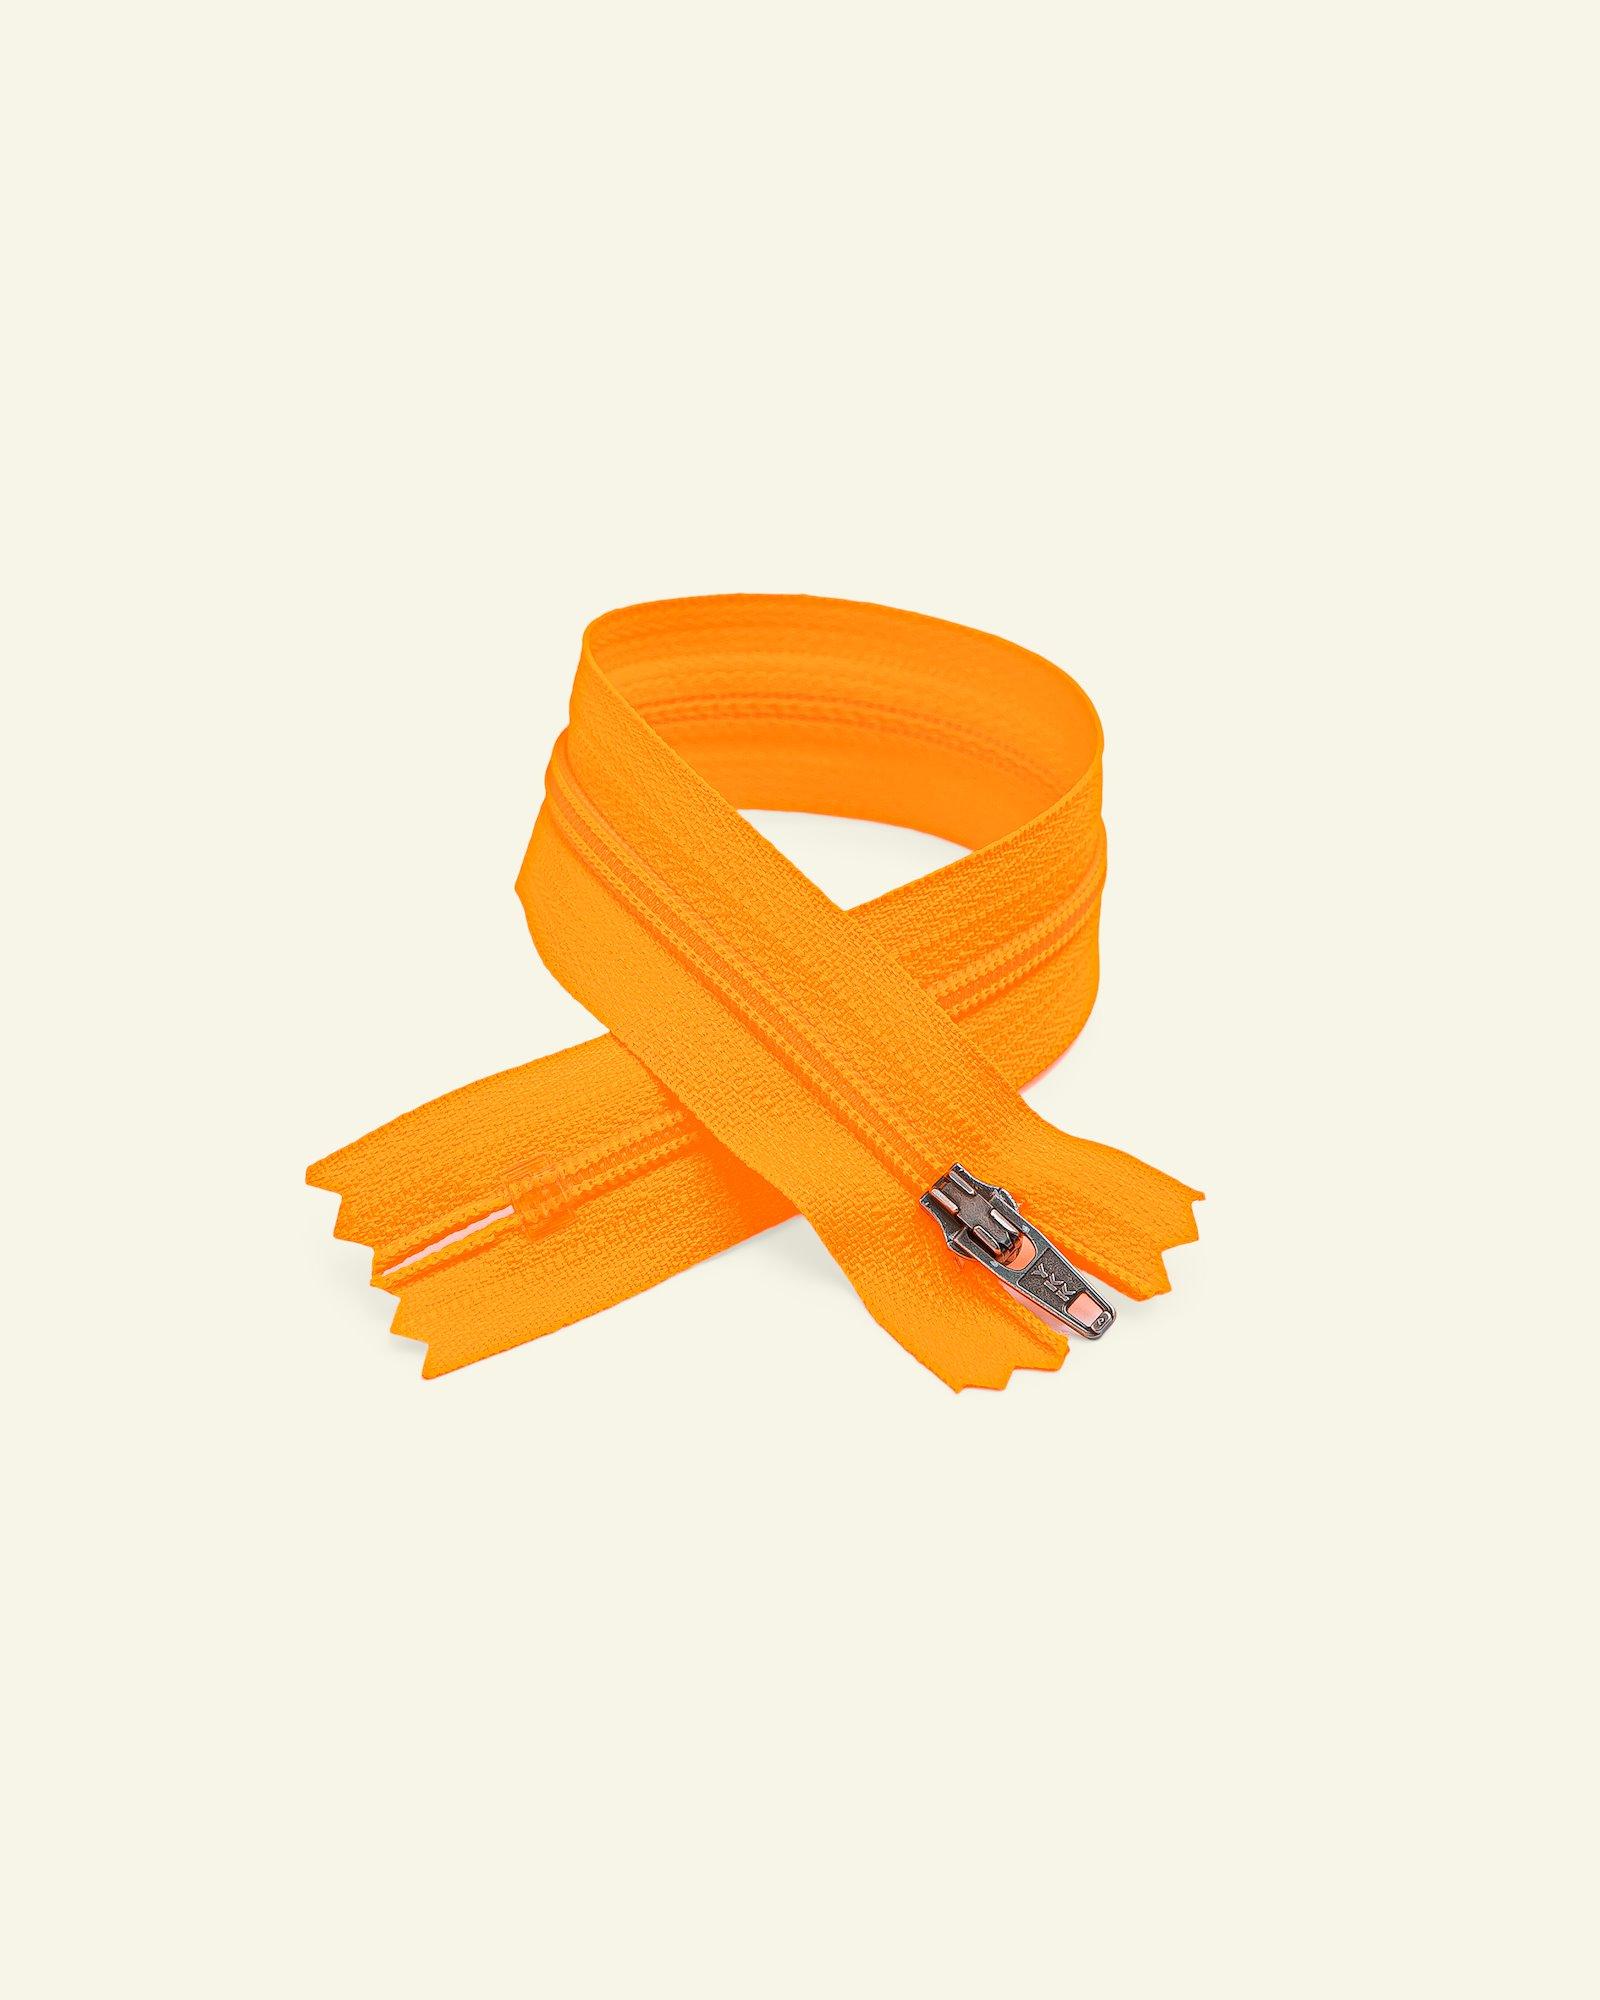 YKK zip 4mm coil closed end neon orange